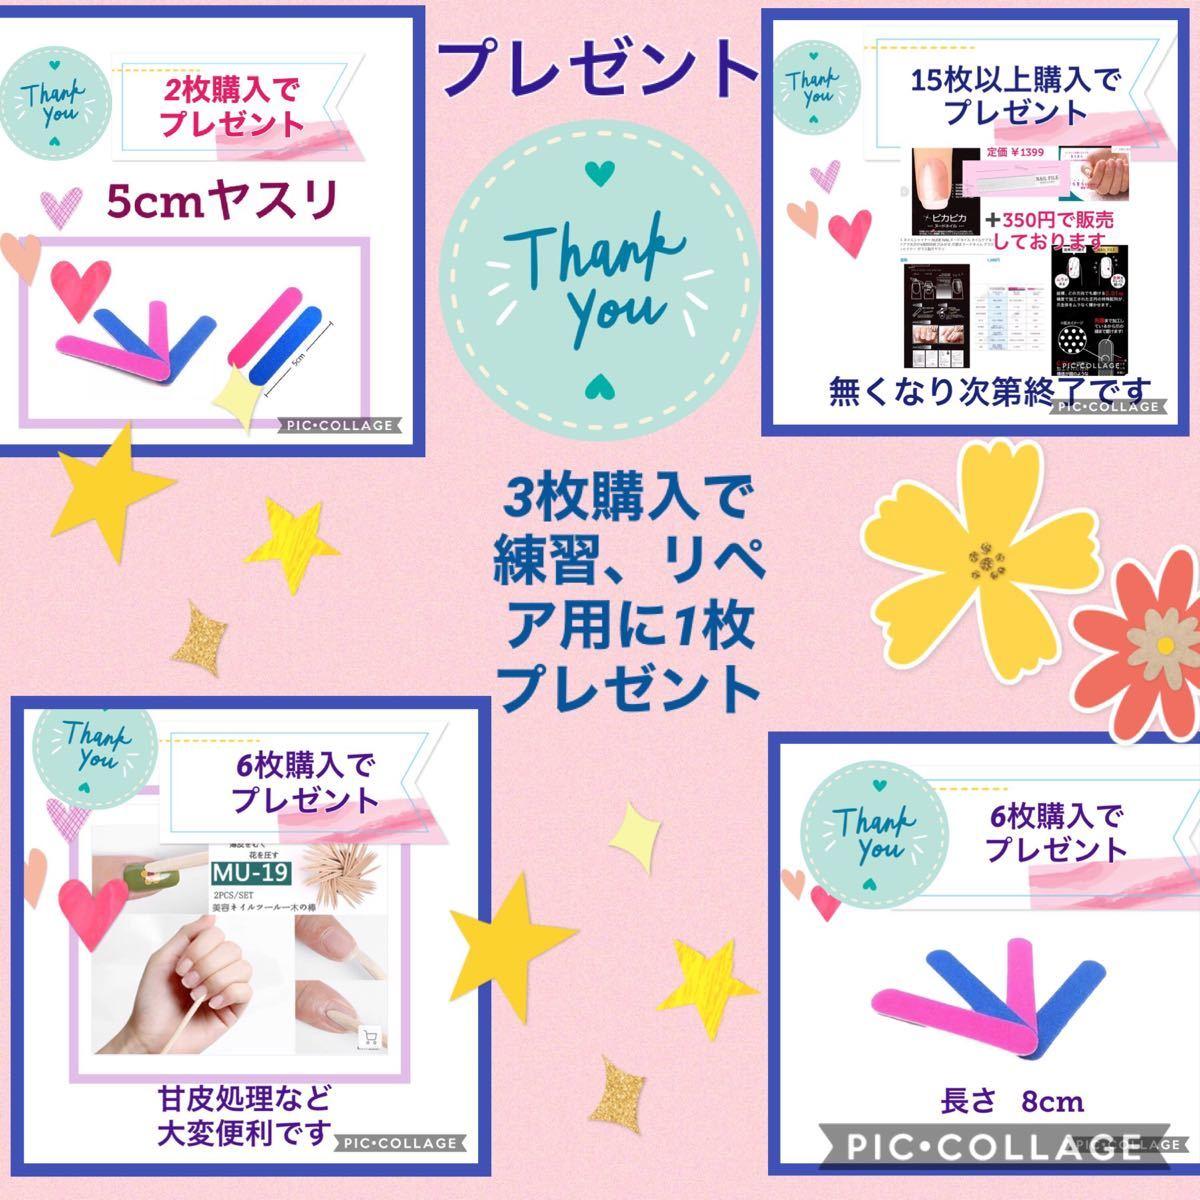 【高品質タイプ】3枚購入で1枚プレゼント!ジェルネイルシール☆。.:*・゜